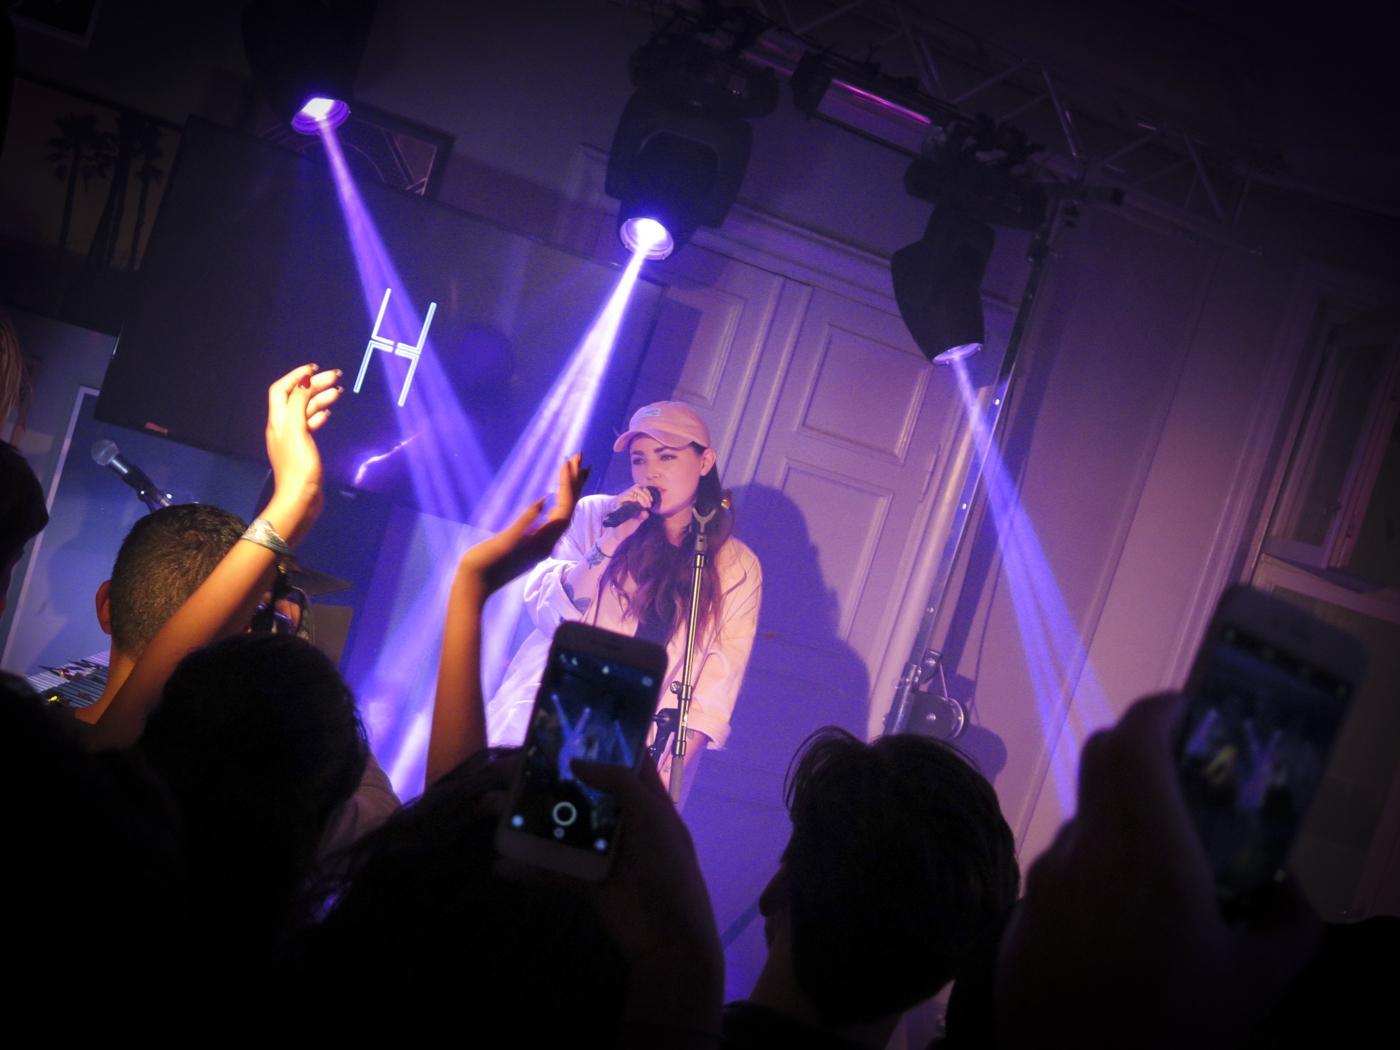 Miriam Bryant sjöng exklusivt för Linda Hallberg på invigningsfesten på No 18